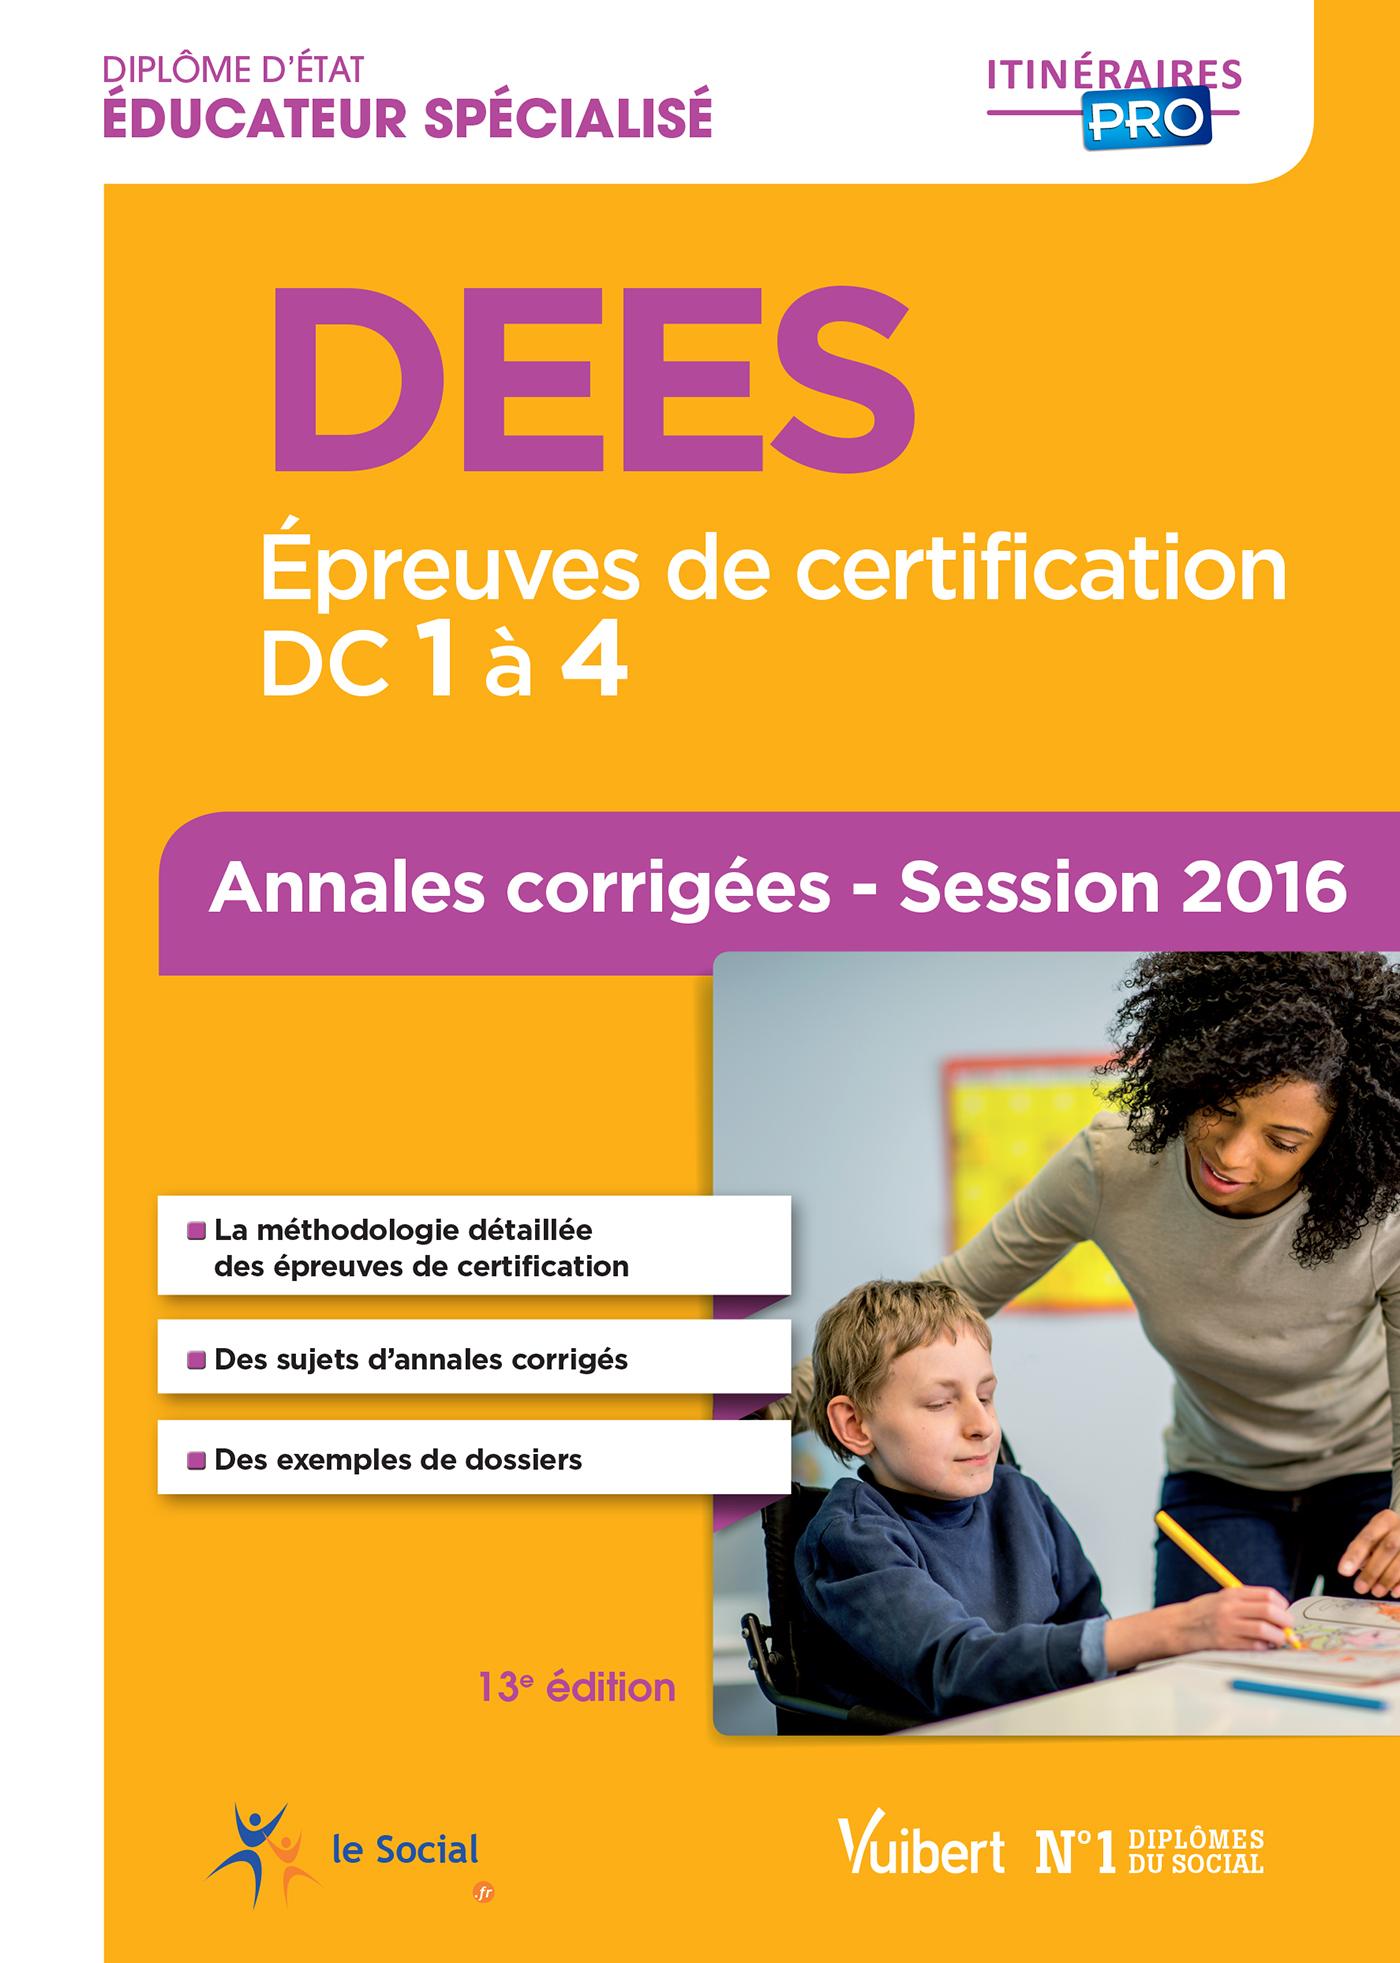 DEES EPREUVES DE CERTIFICATION DC1 A 4 ANNALES CORRIGEES 13EDT